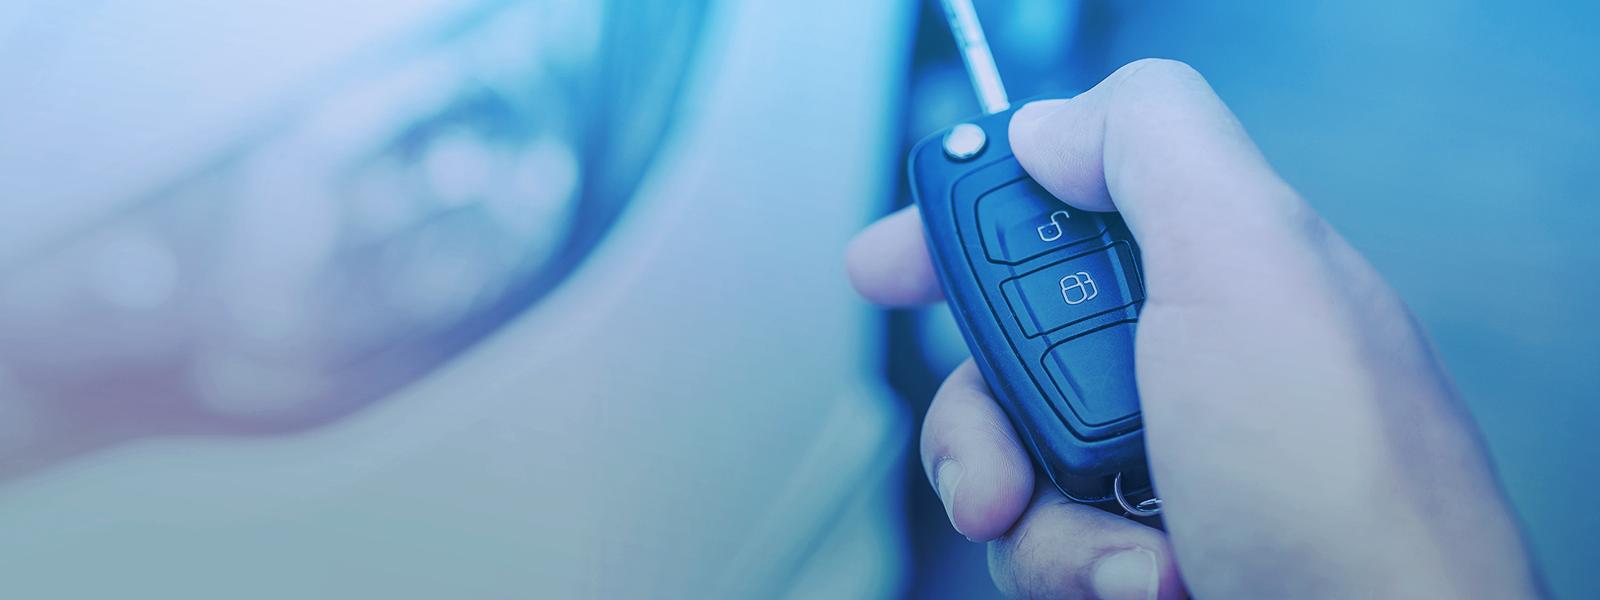 acessórios_para_aumentar_a_segurança_do_seu_carro